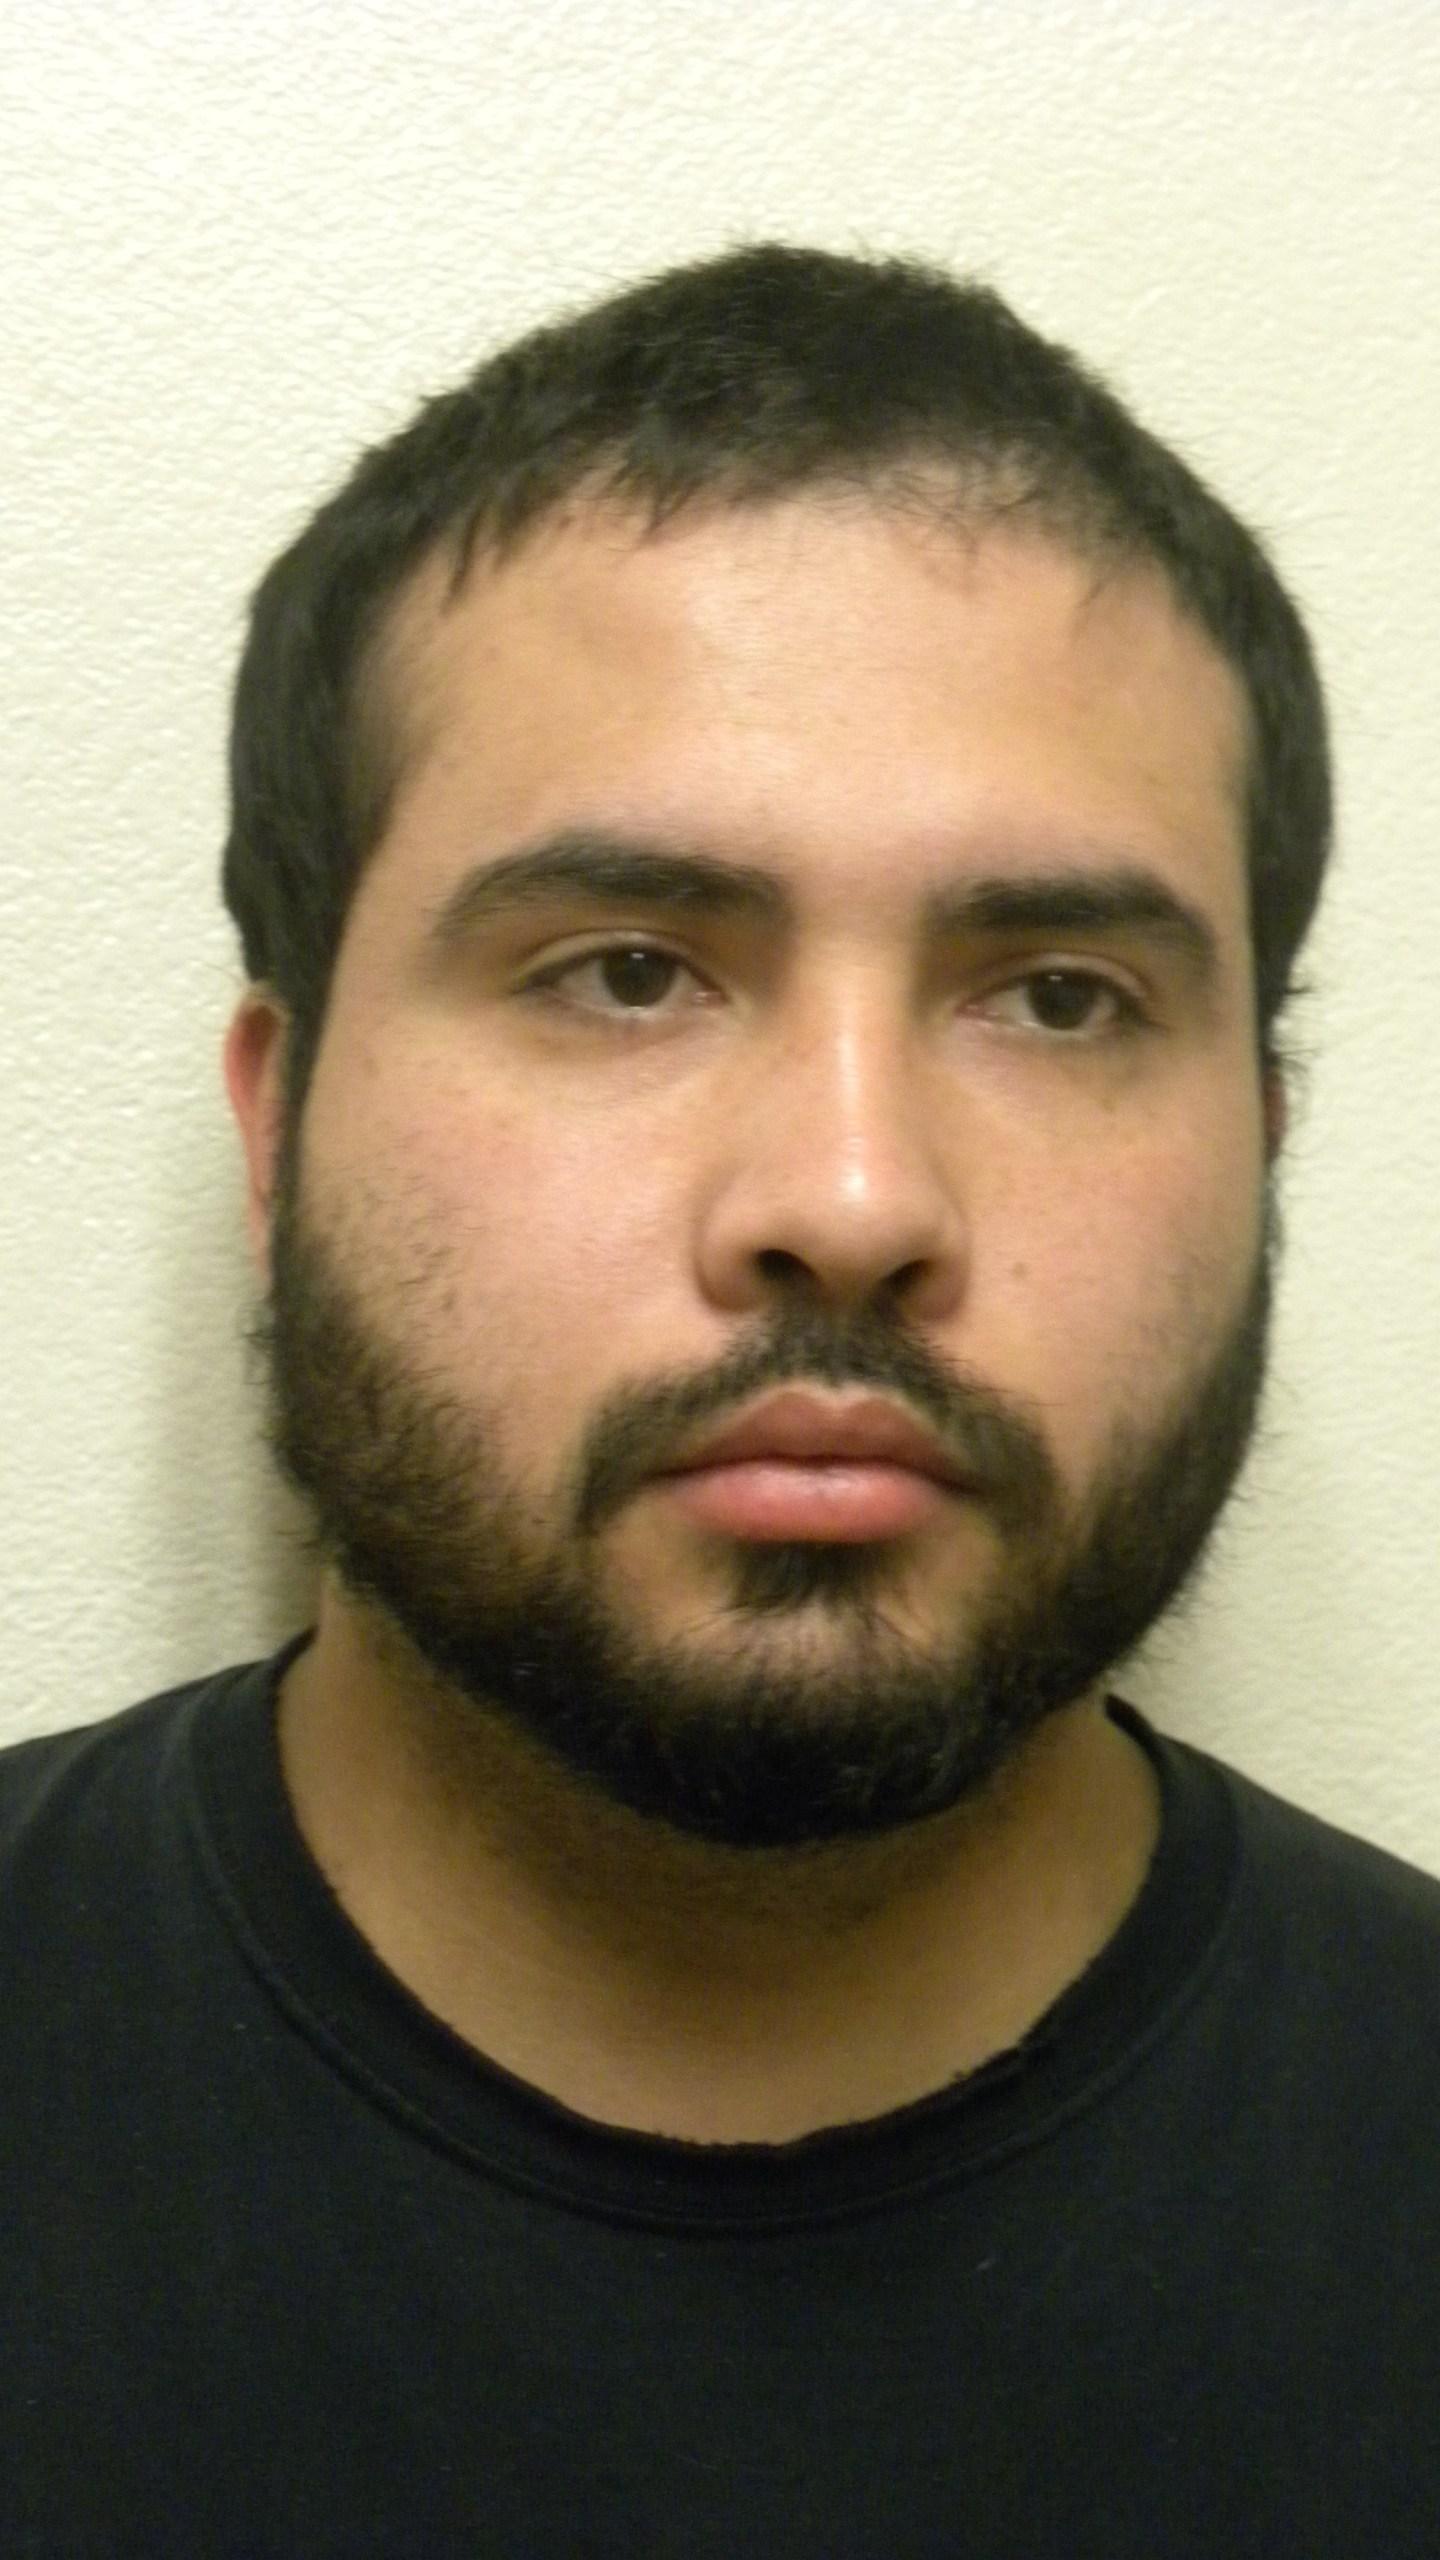 Ryan Casias _ Colorado Bureau of Investigation_267995